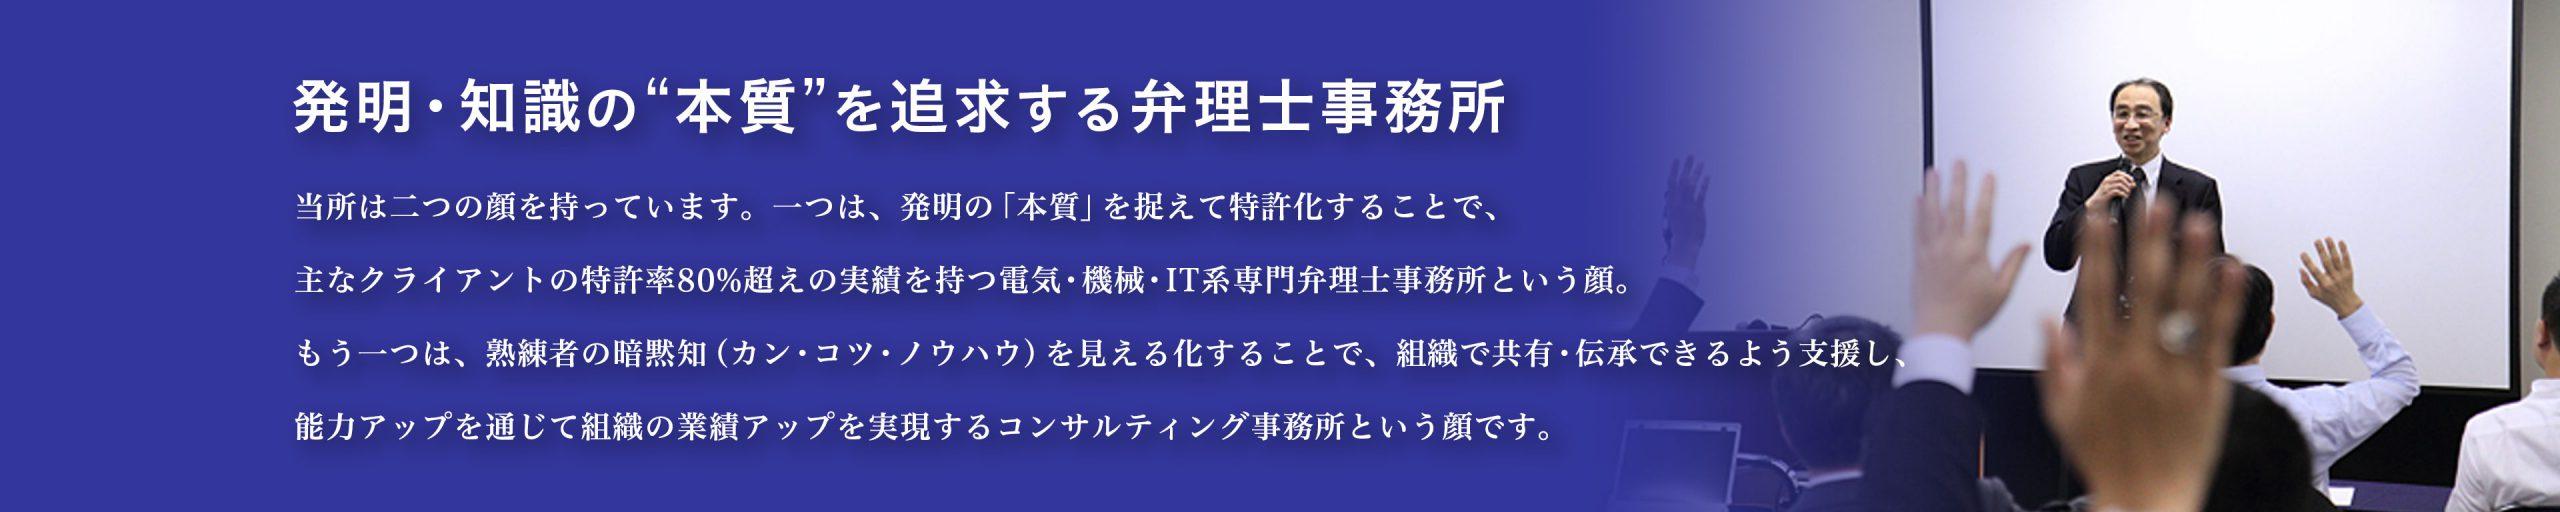 """発明・知識の""""本質""""を追求する弁理士事務所"""